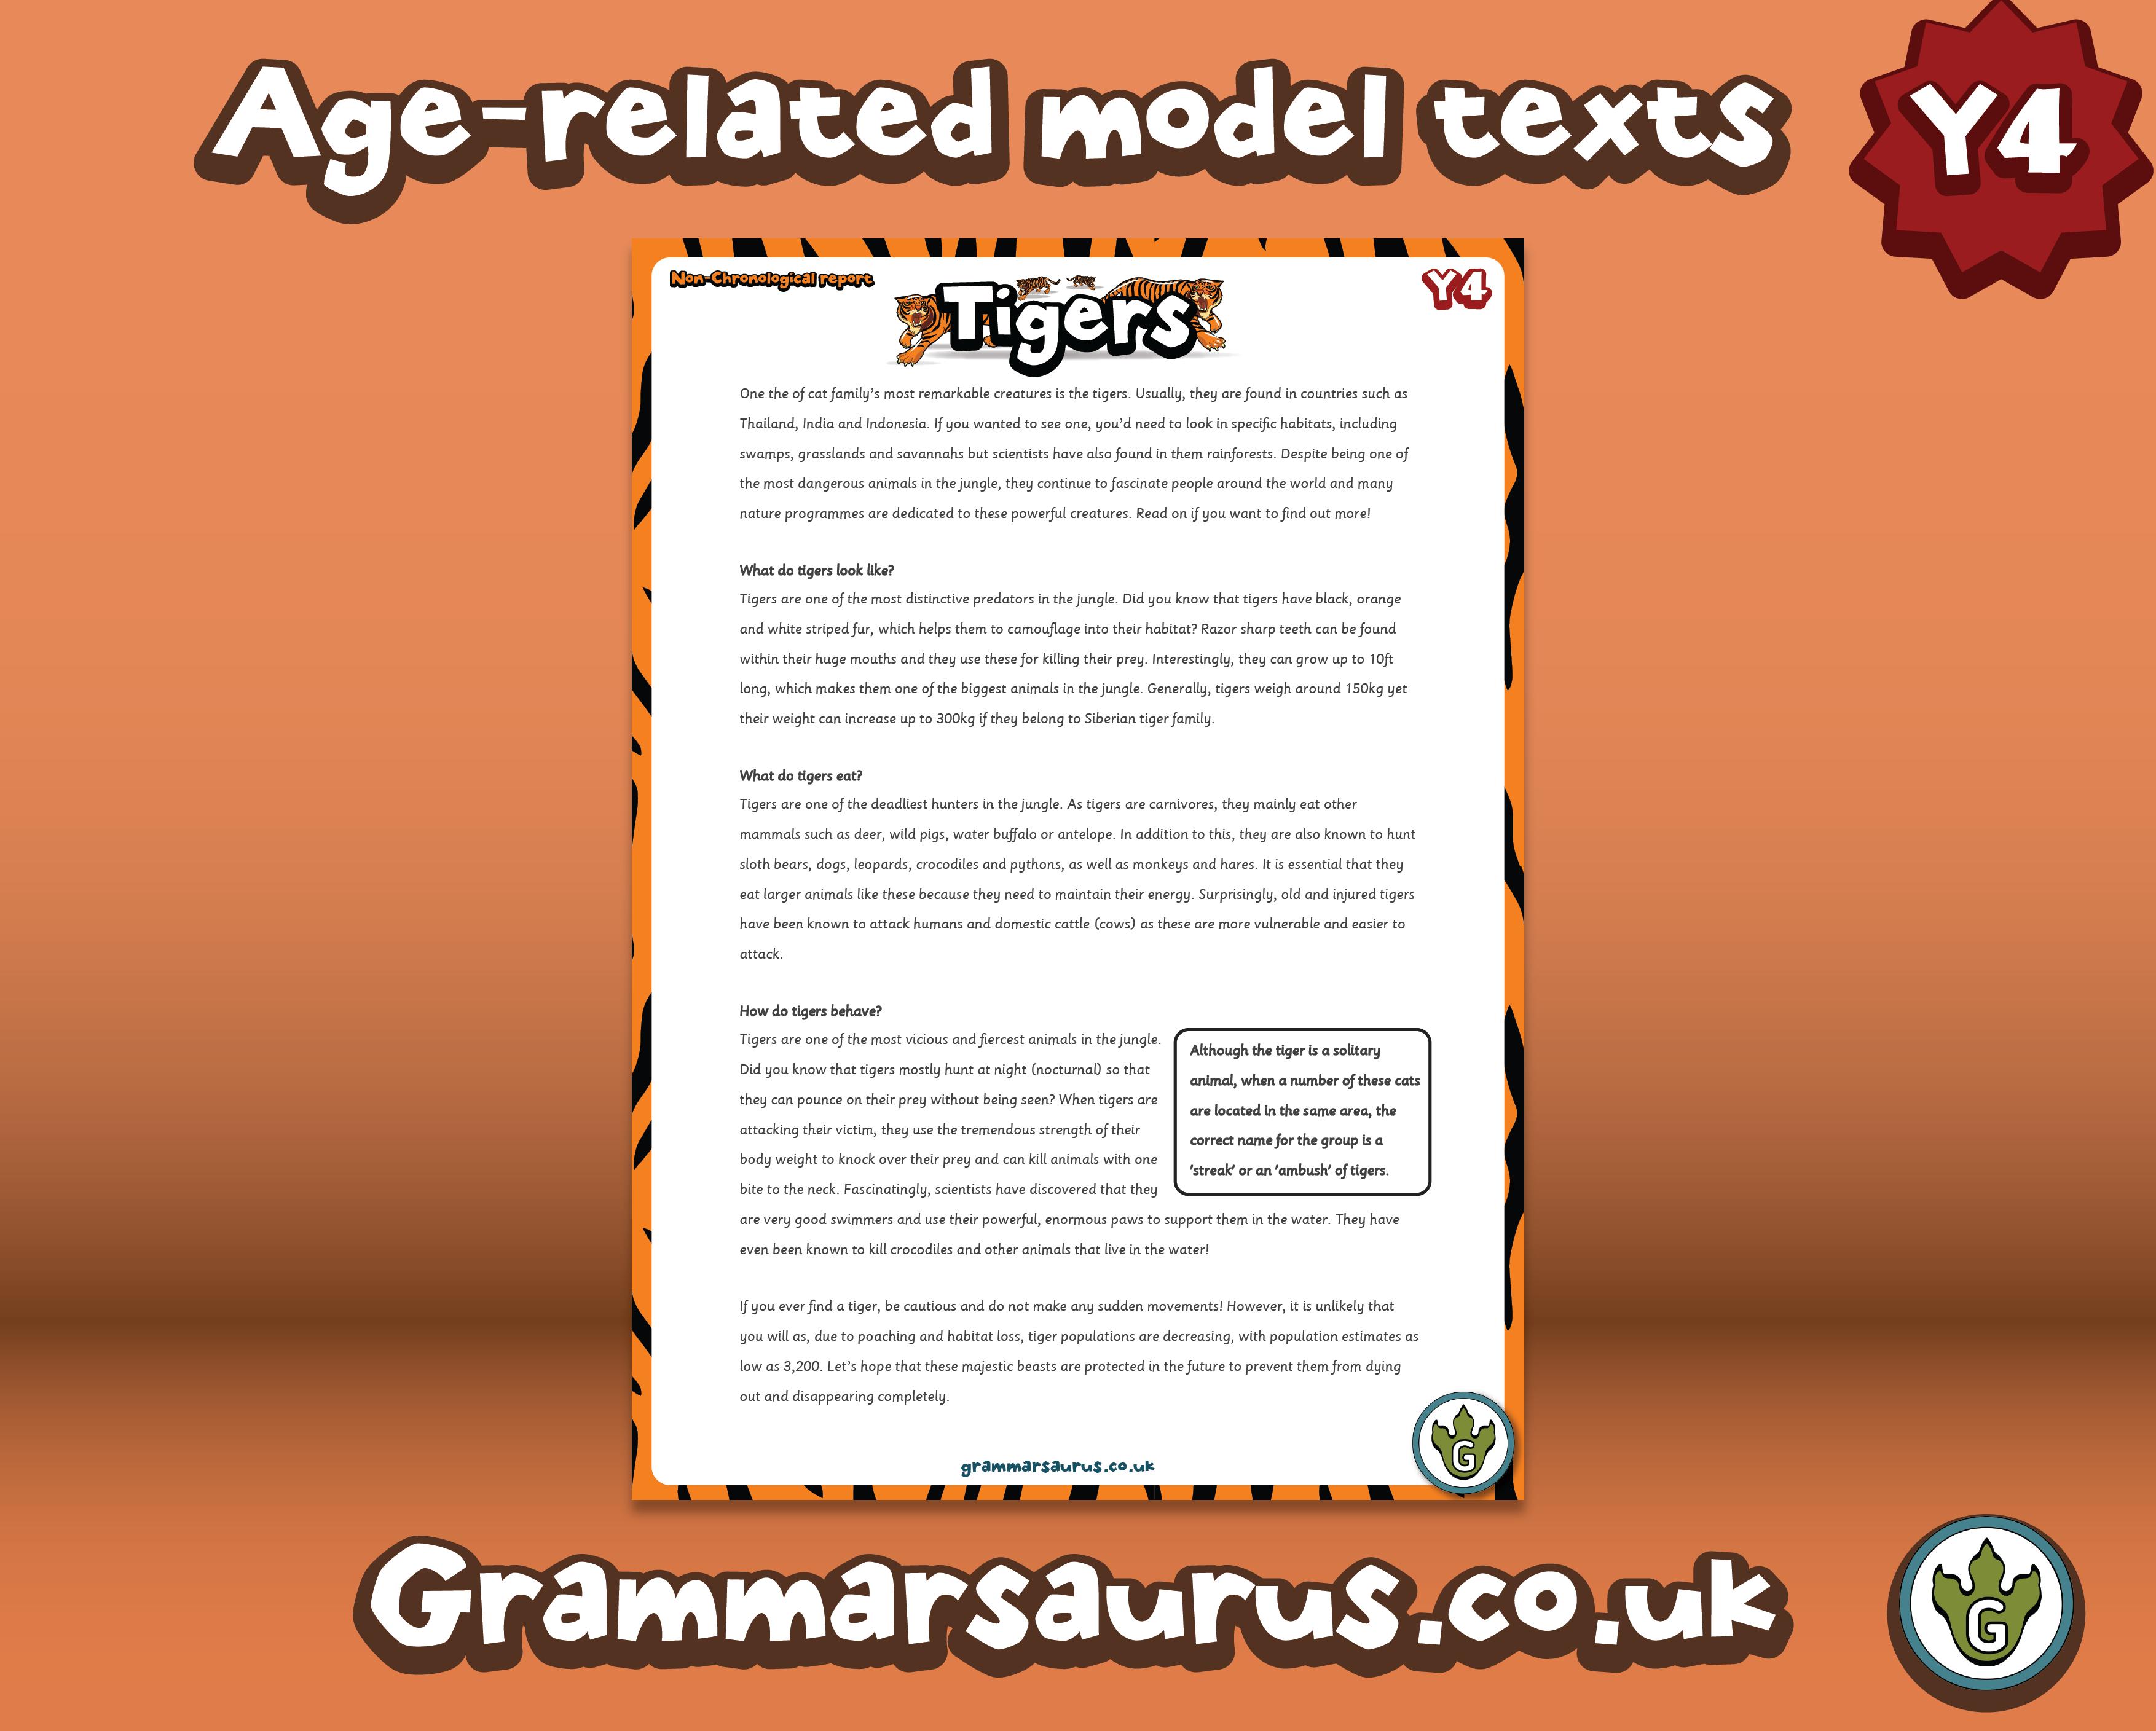 KS2 Model Texts Archives - Page 2 of 4 - Grammarsaurus